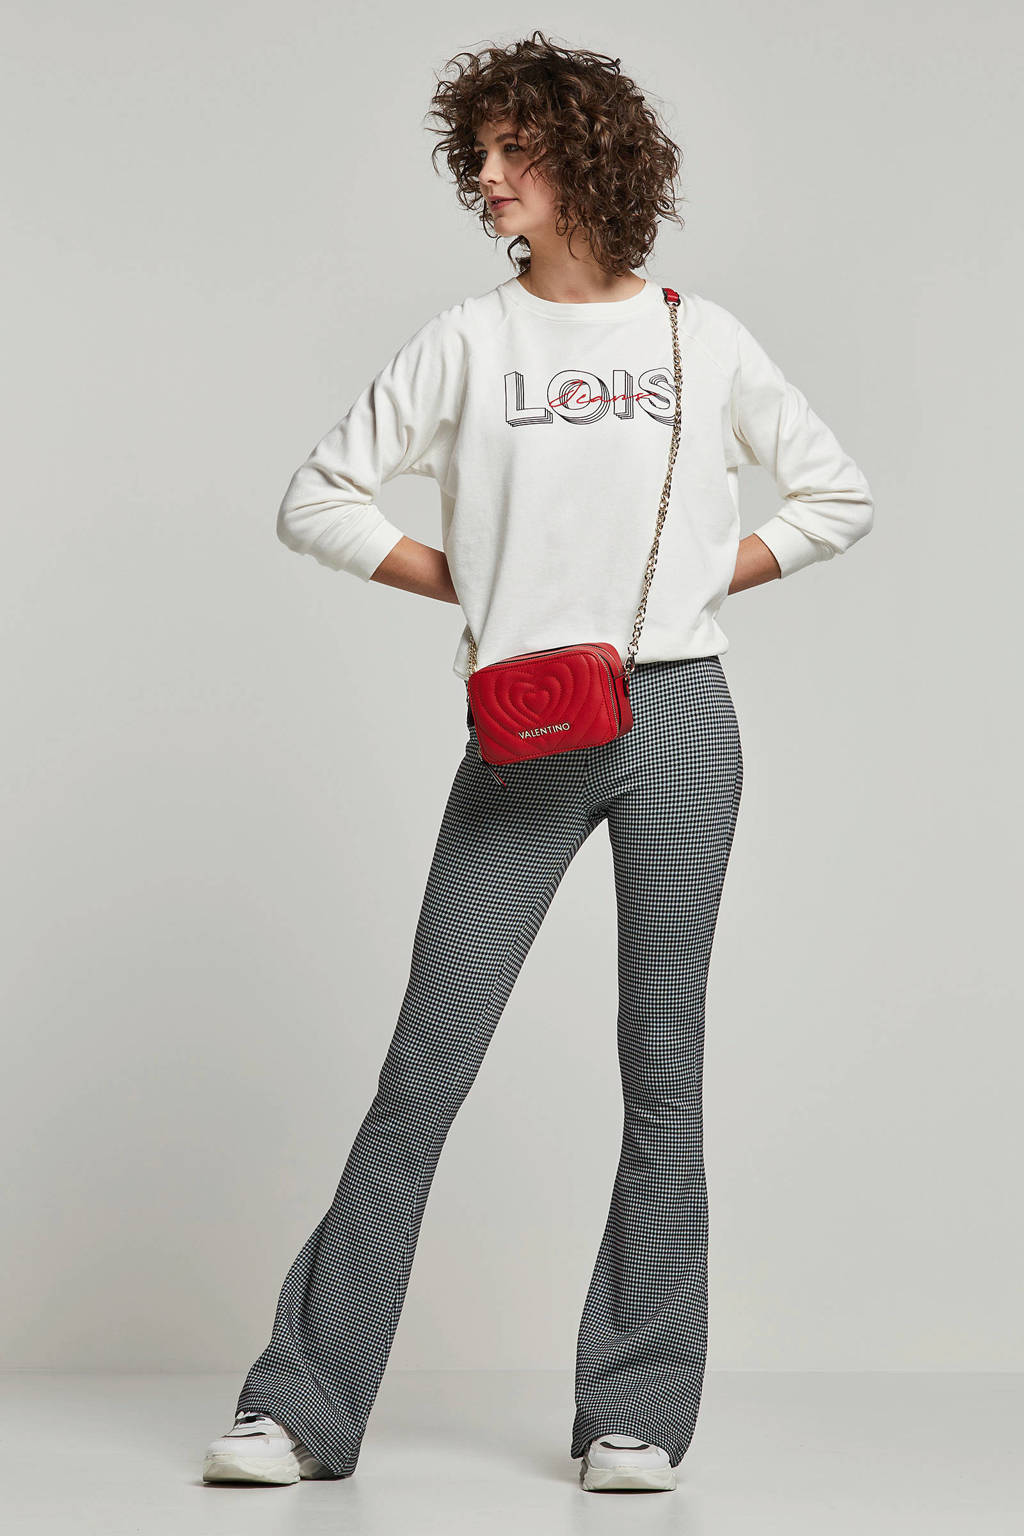 Lois trui met tekst en borduursels wit/zwart/rood, Wit/zwart/rood